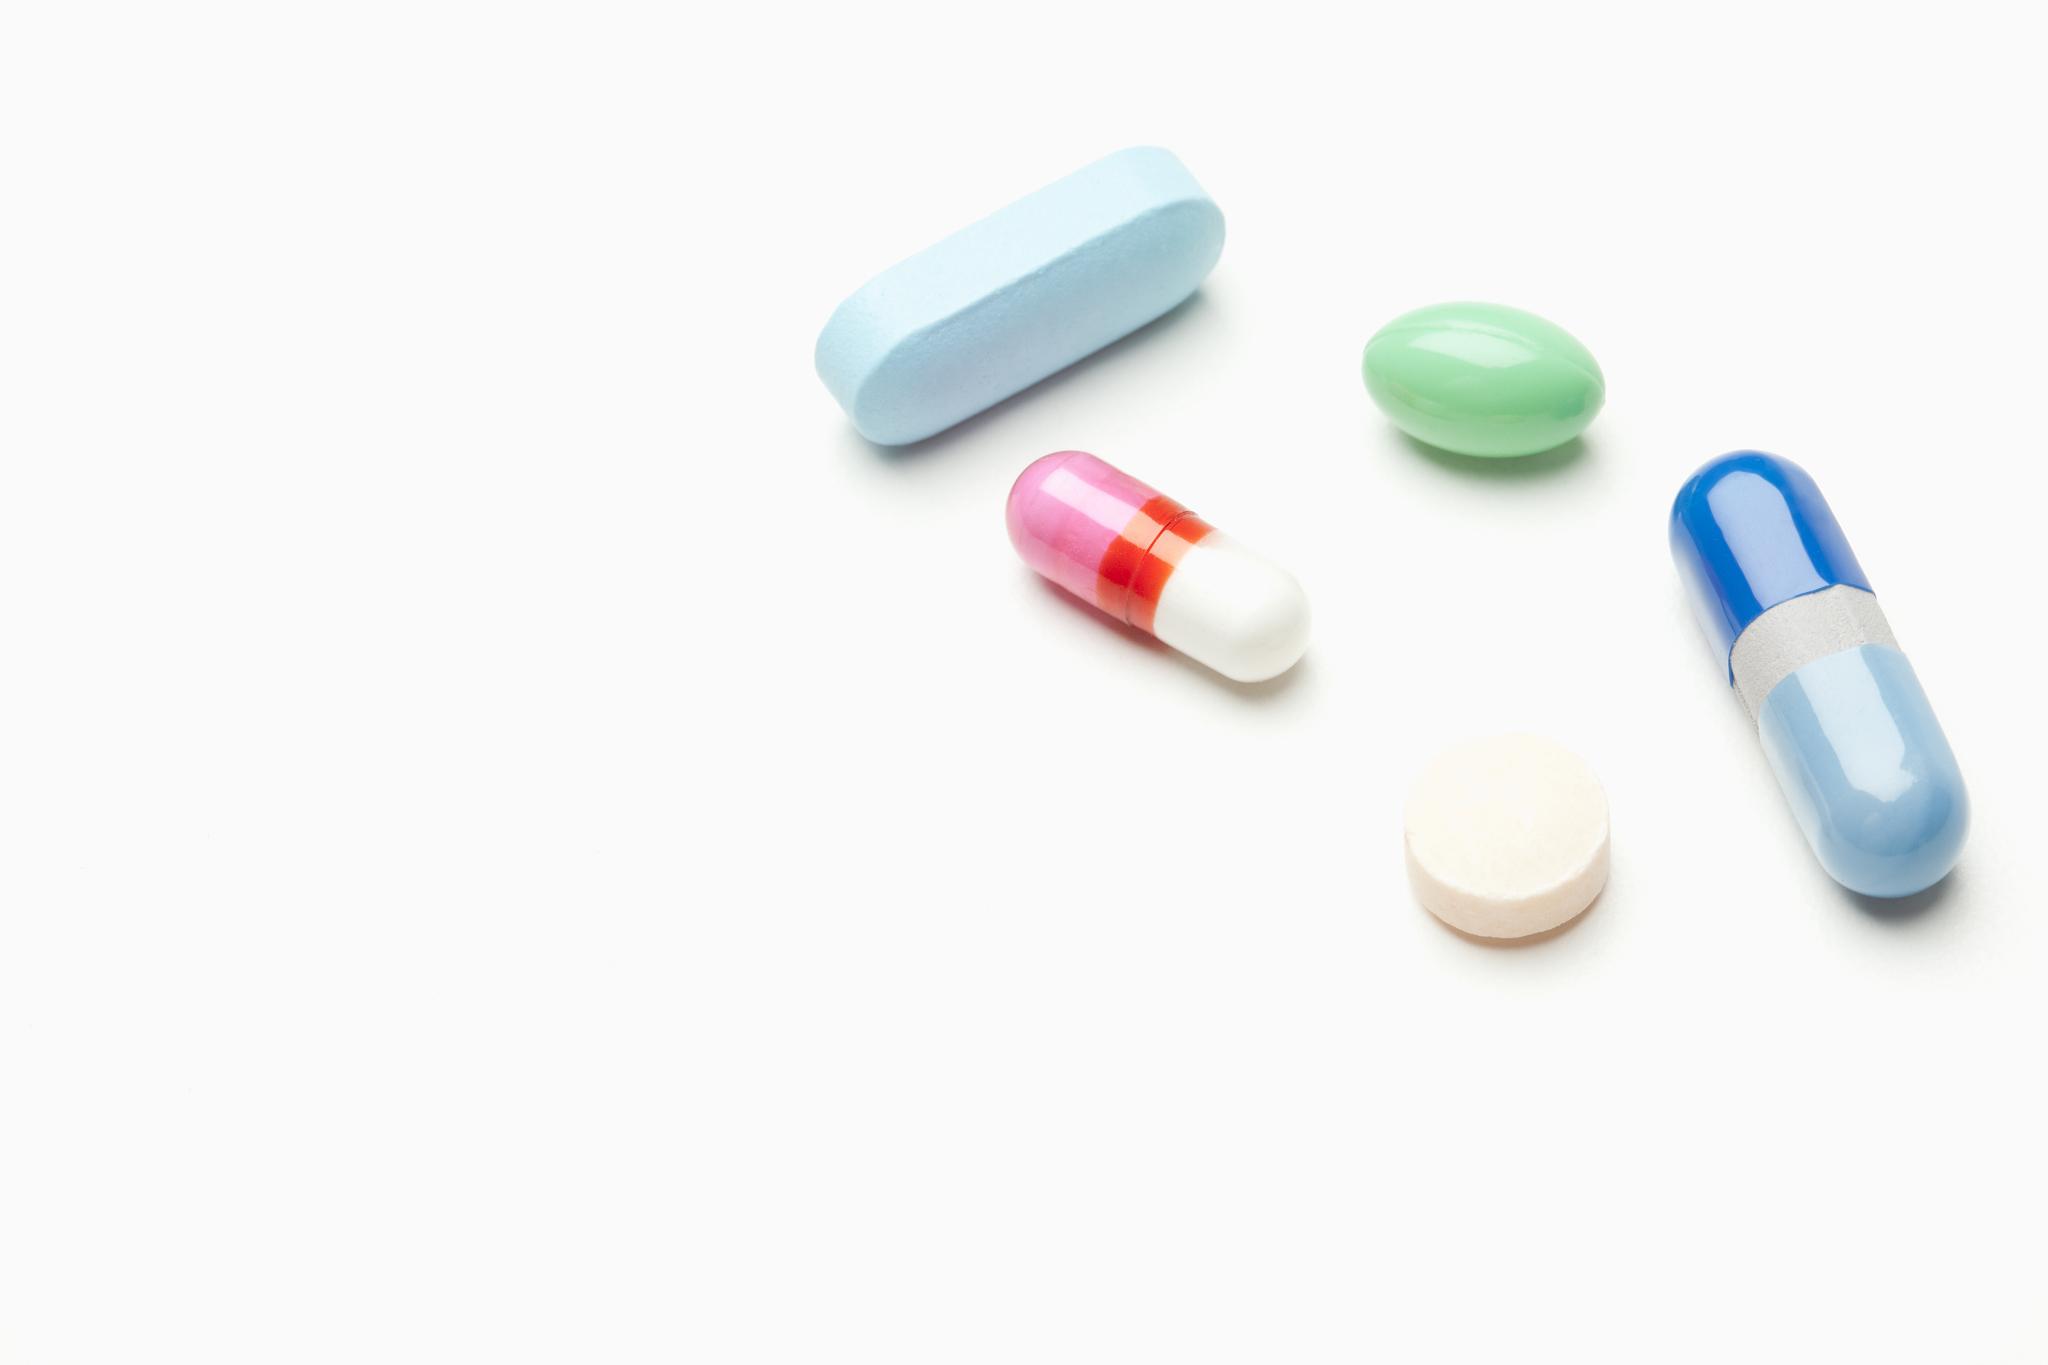 中枢神经系统感染如何正确选择抗菌药物?